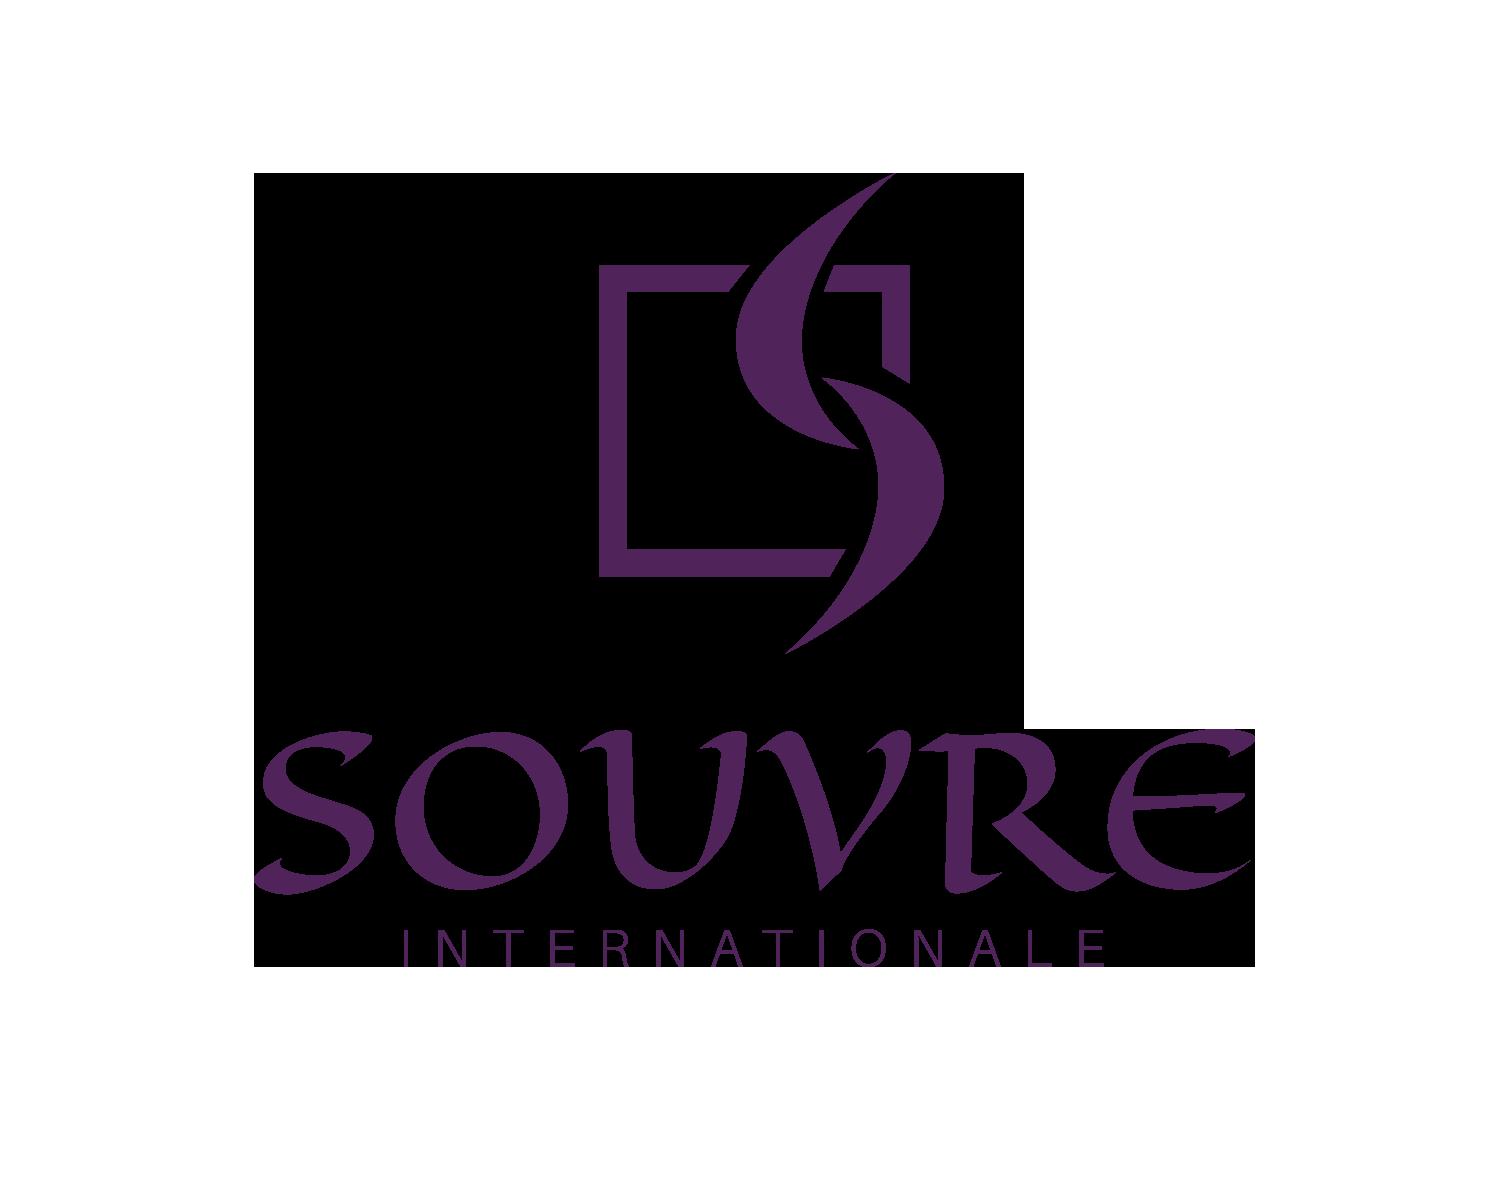 Souvre